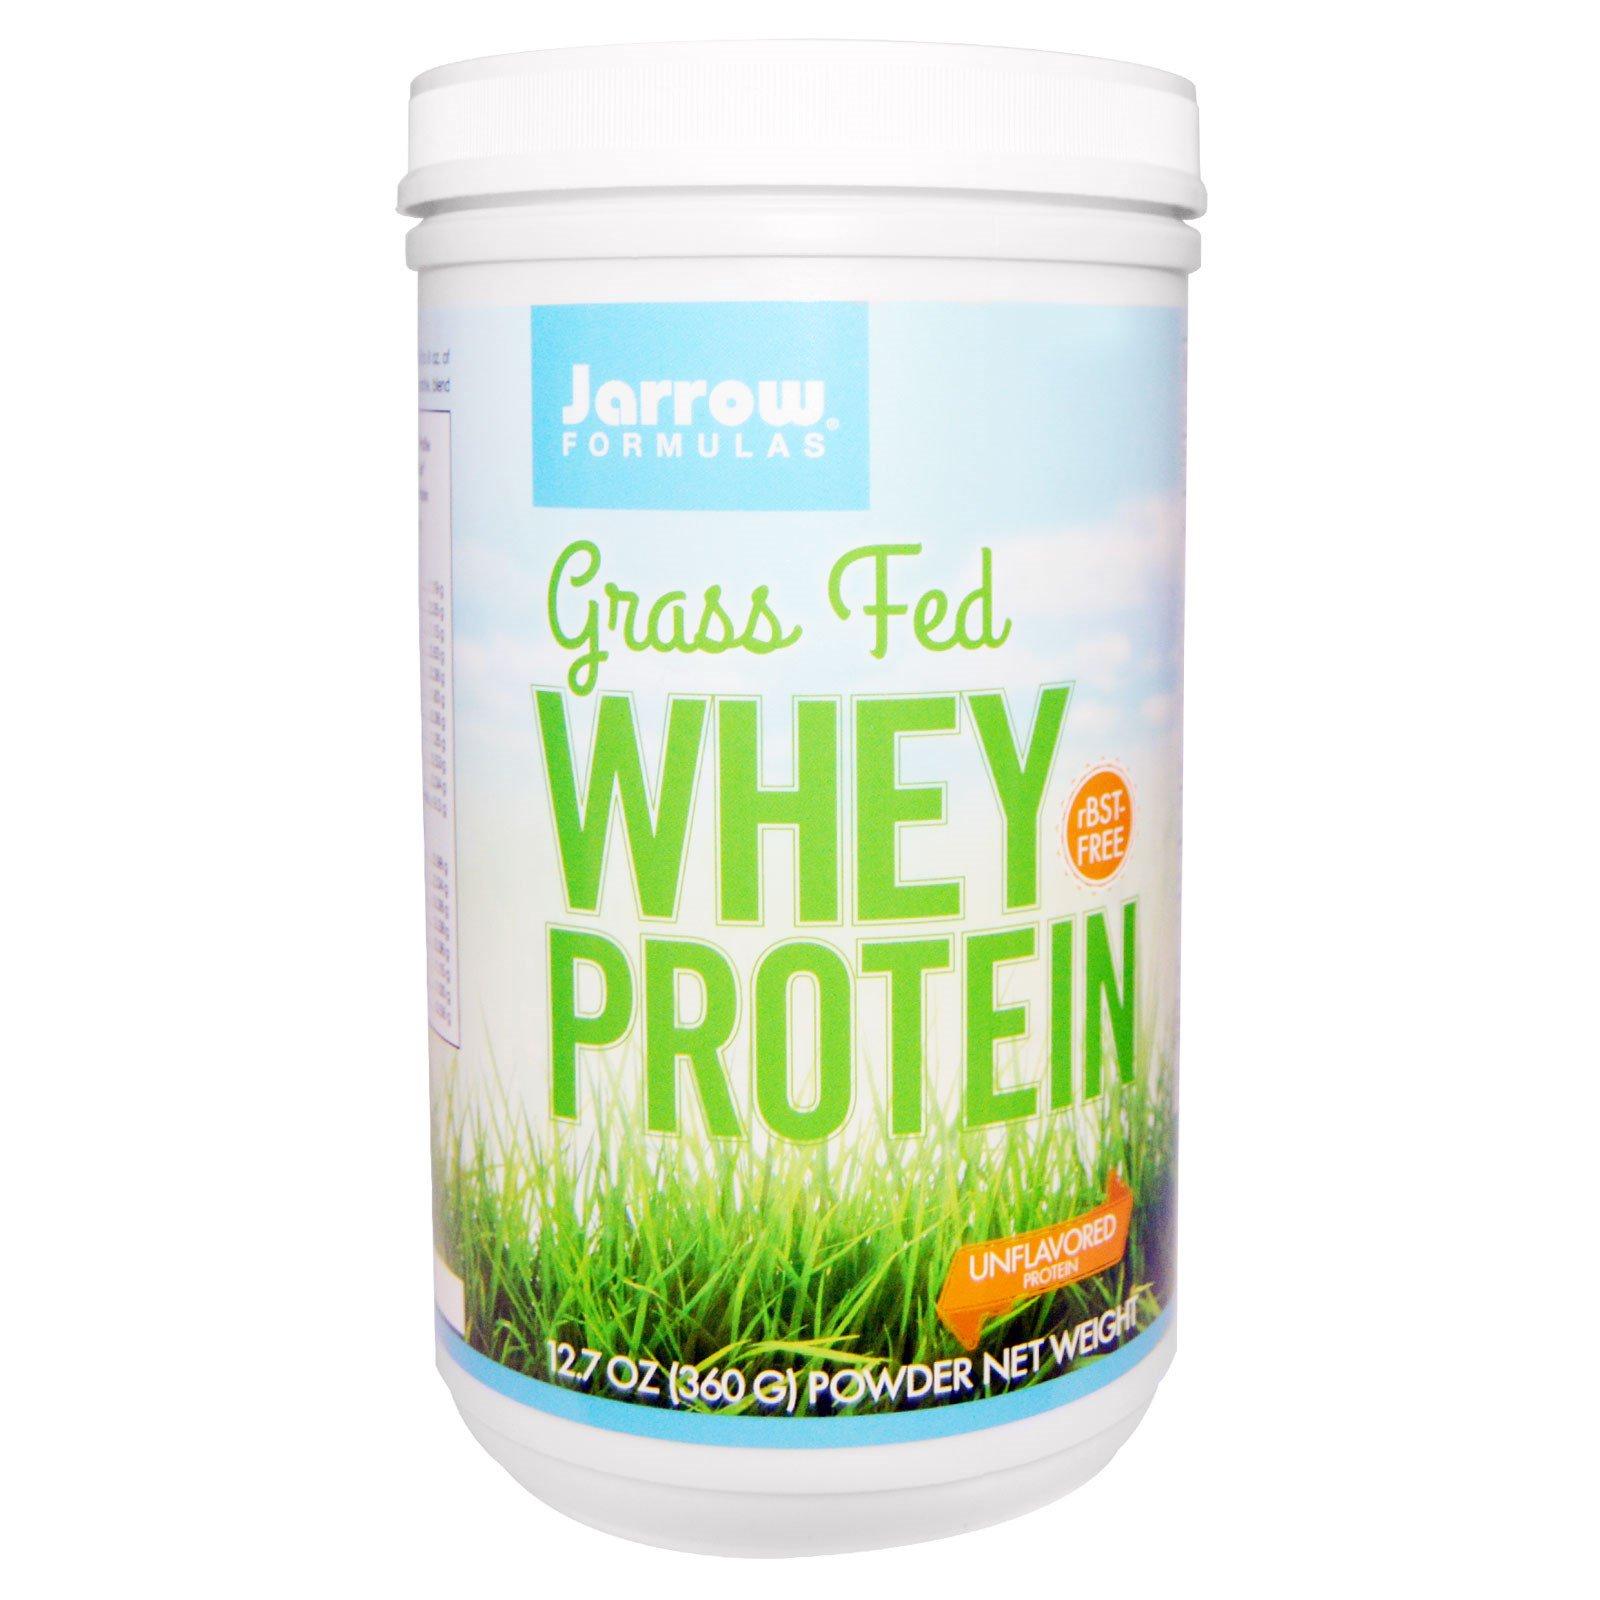 Jarrow Formulas, Сывороточный белок от коров, употреблявших в пищу траву, неароматизированный, 12,7 oz (360 г)